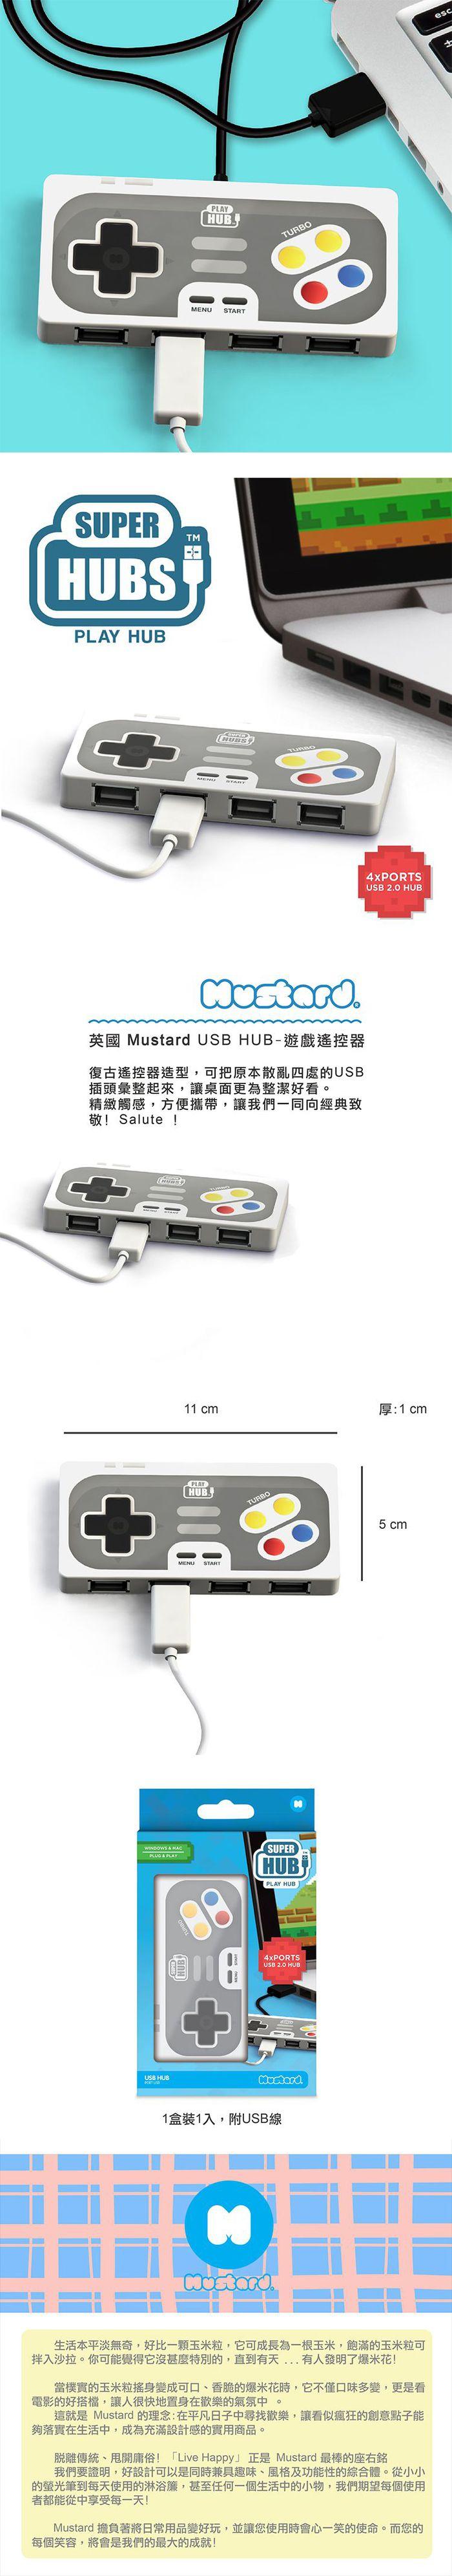 (複製)英國 Mustard   USB HUB - 復古相機